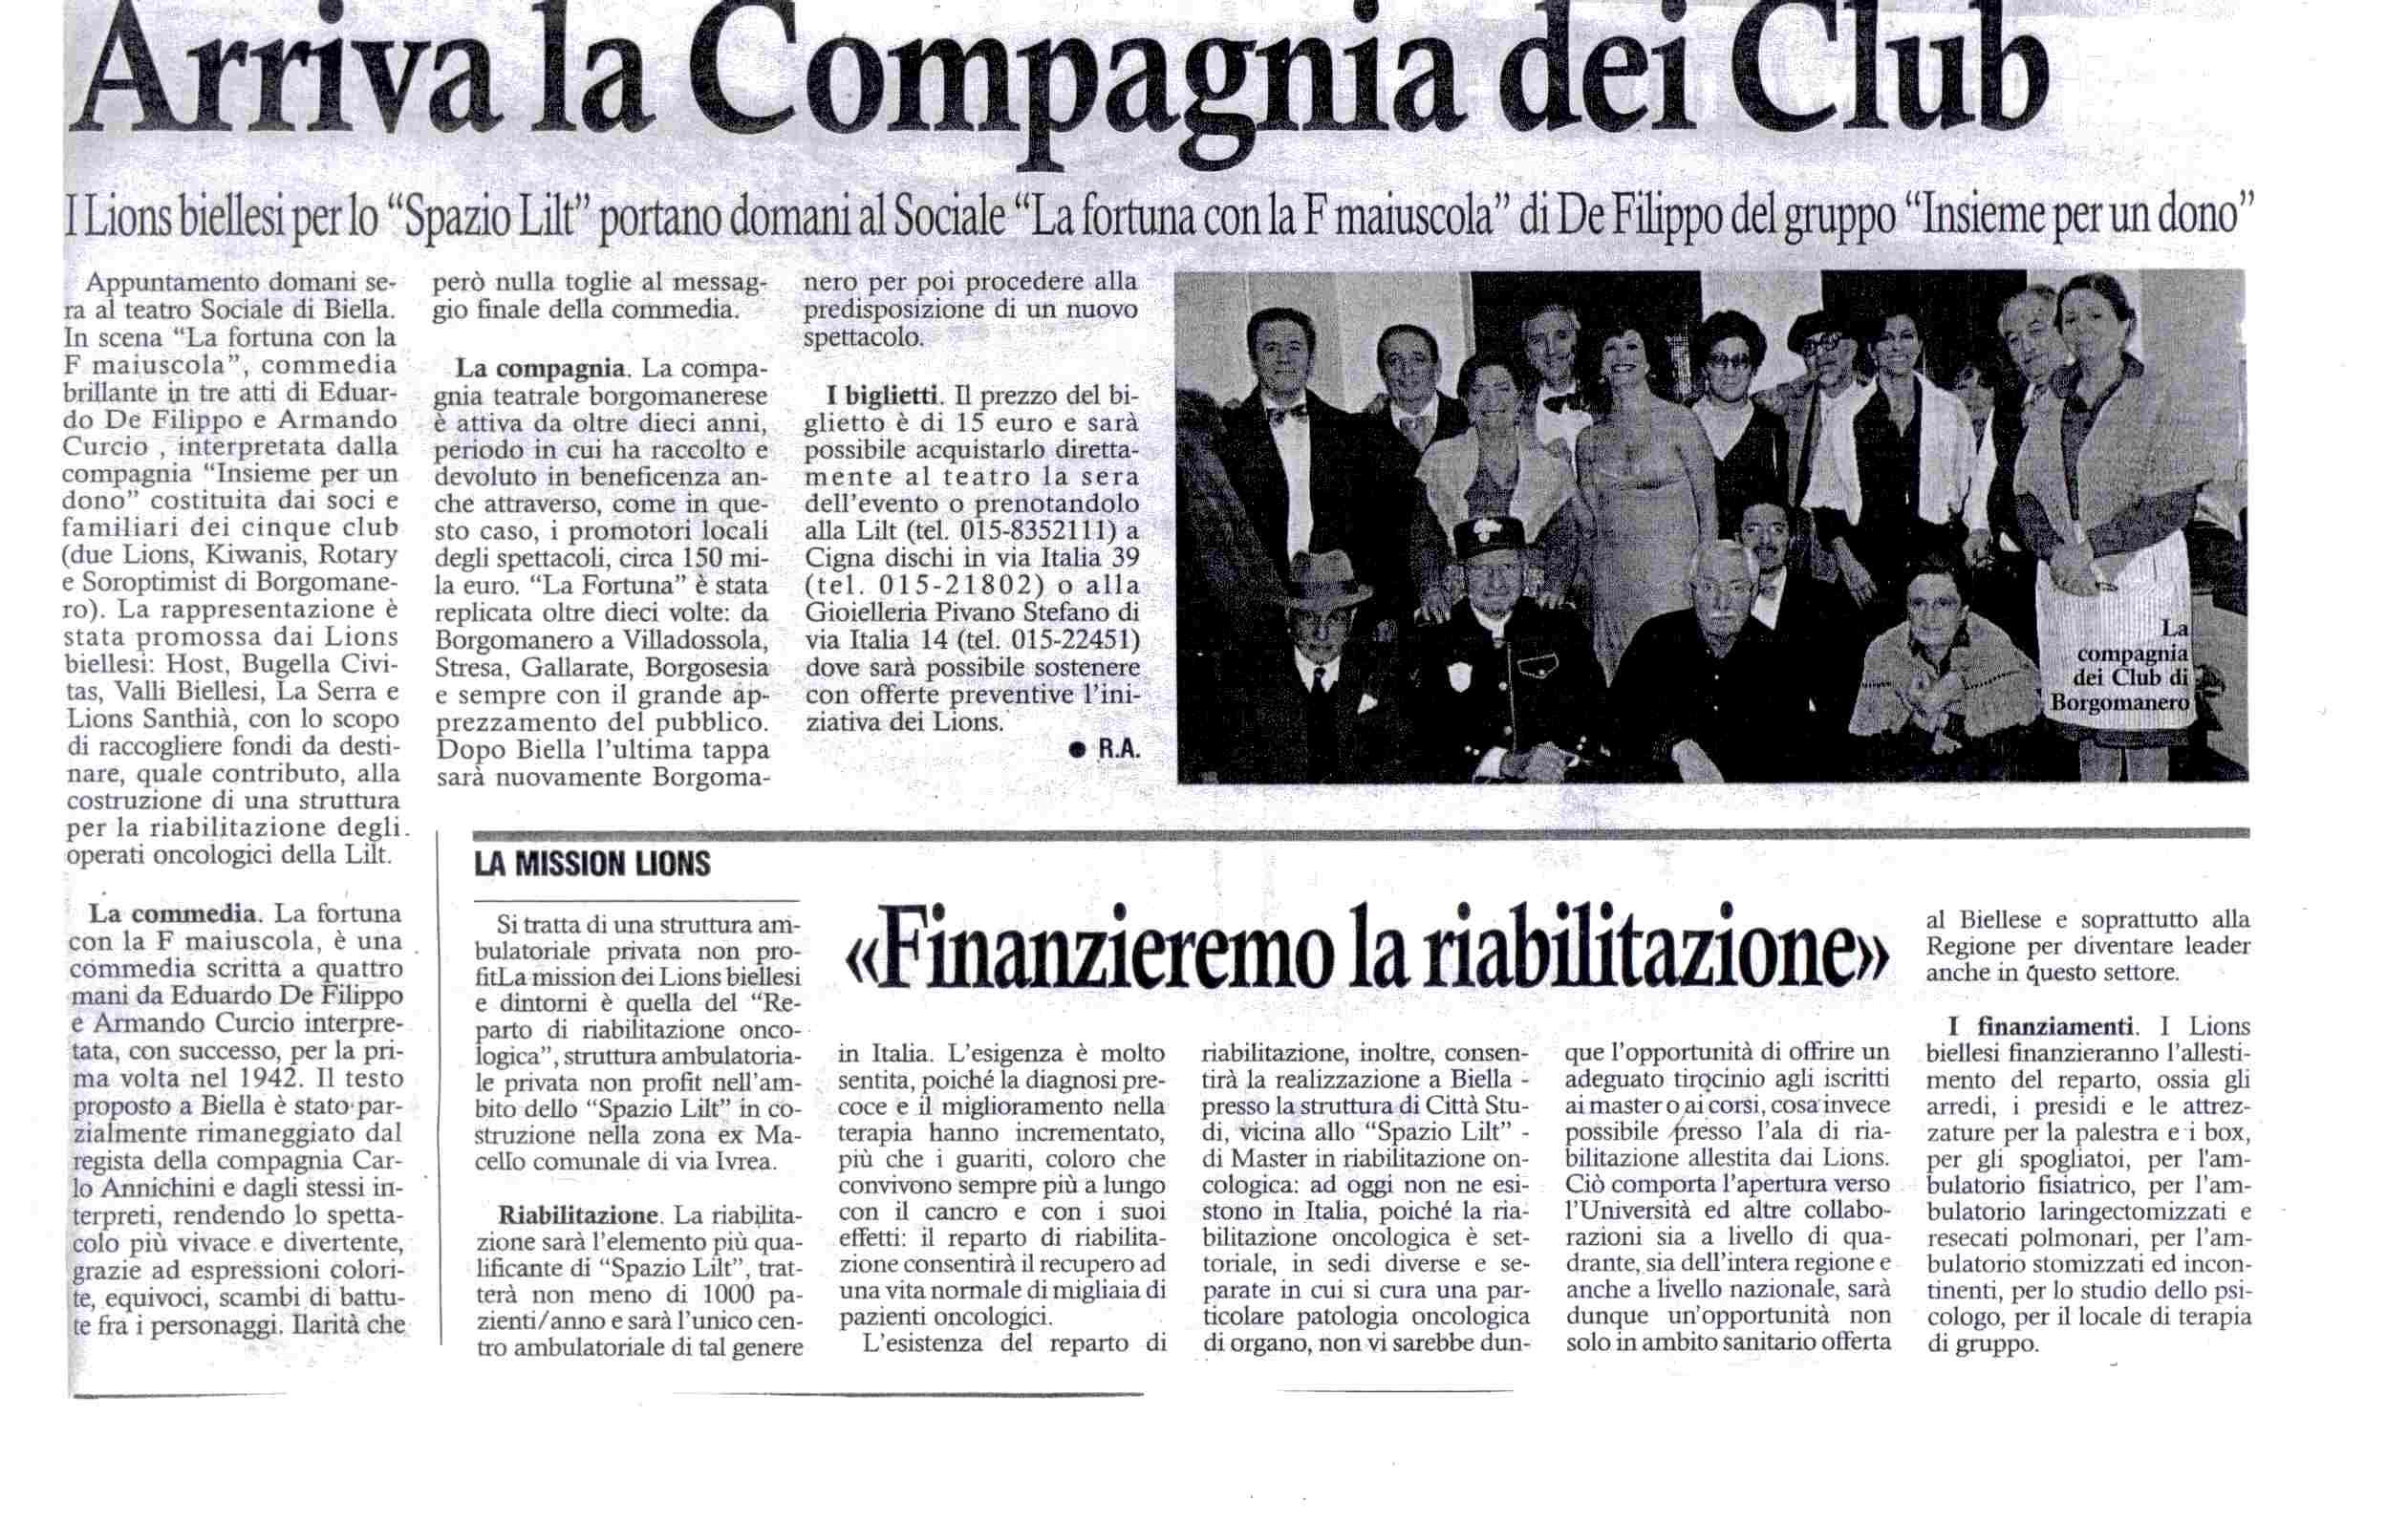 """Signore e Signori: la """"Compagnia dei Club""""!"""